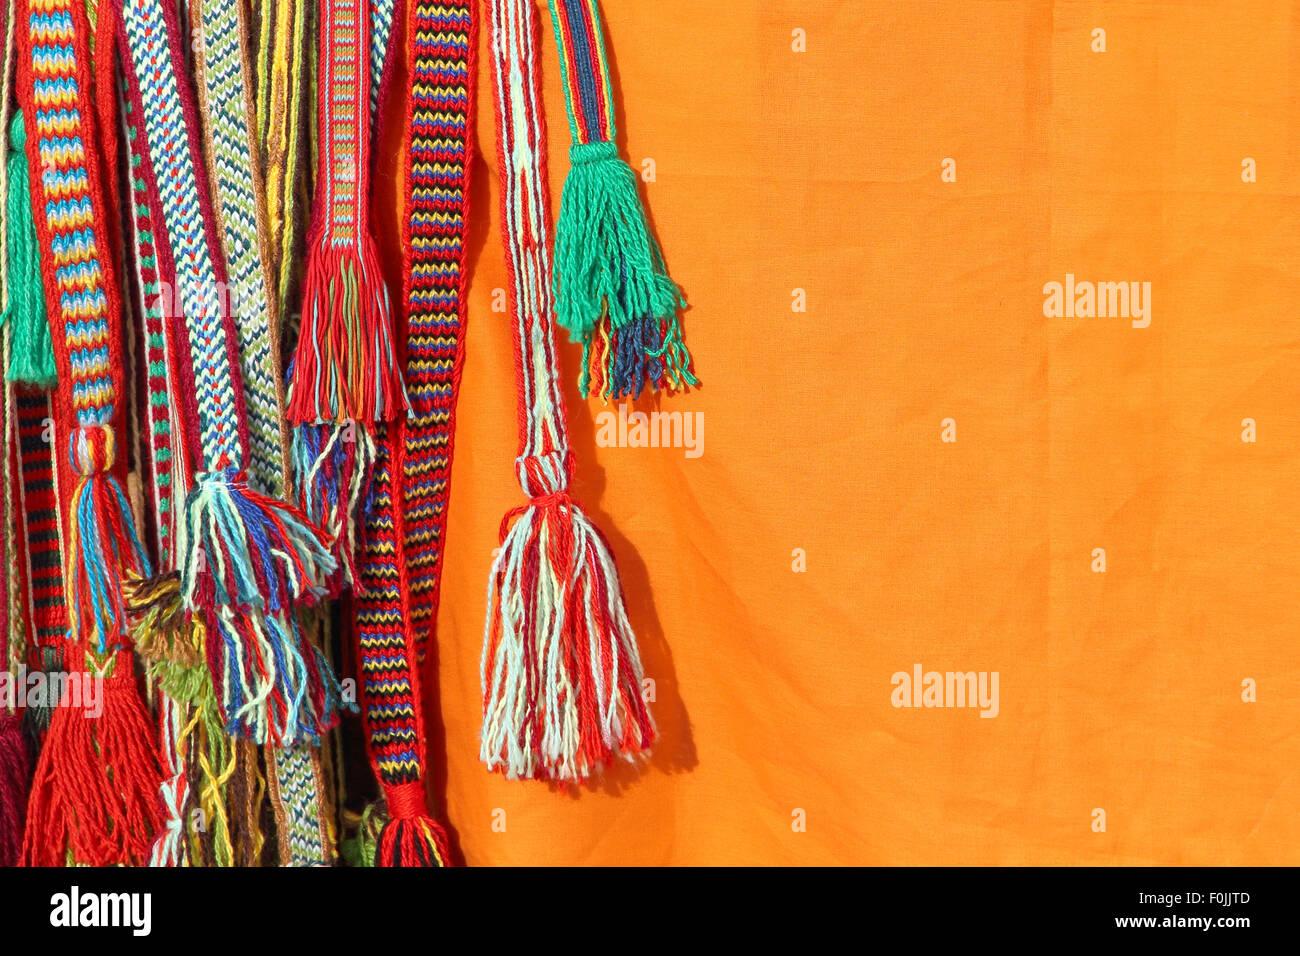 Glands colorés d une ceinture hippie sur fond orange Banque D Images ... be69e6c7003